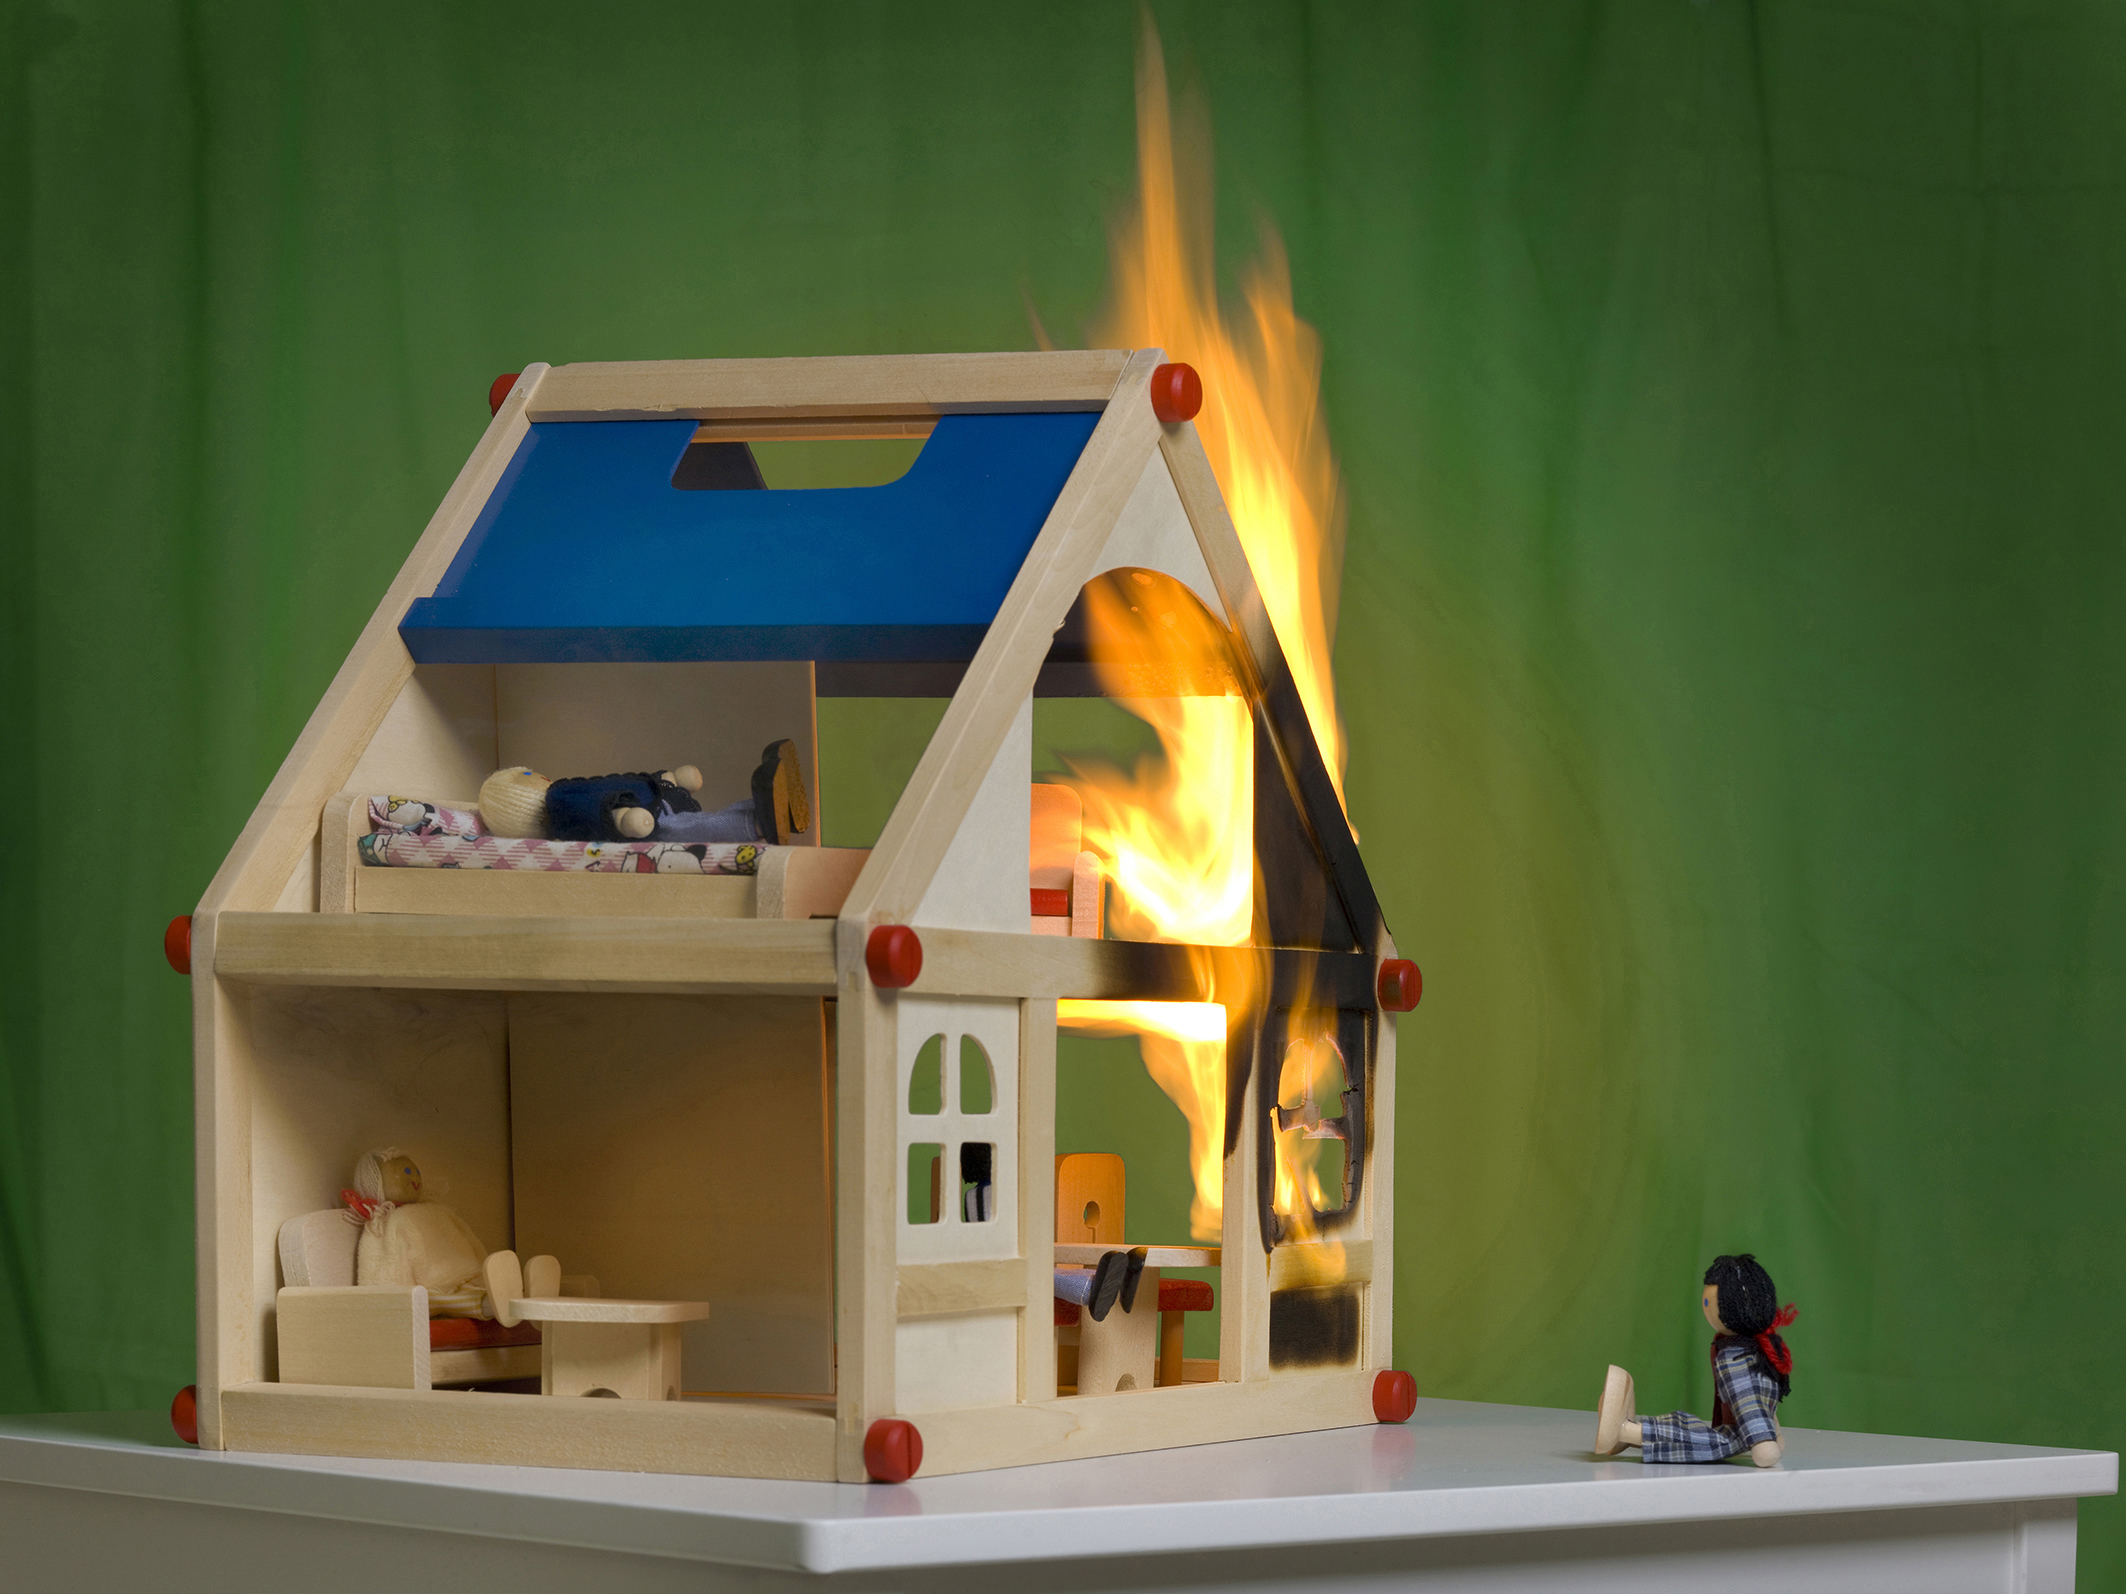 rauchmelderpflicht gilt auch f r selbstgenutzte immobilien. Black Bedroom Furniture Sets. Home Design Ideas